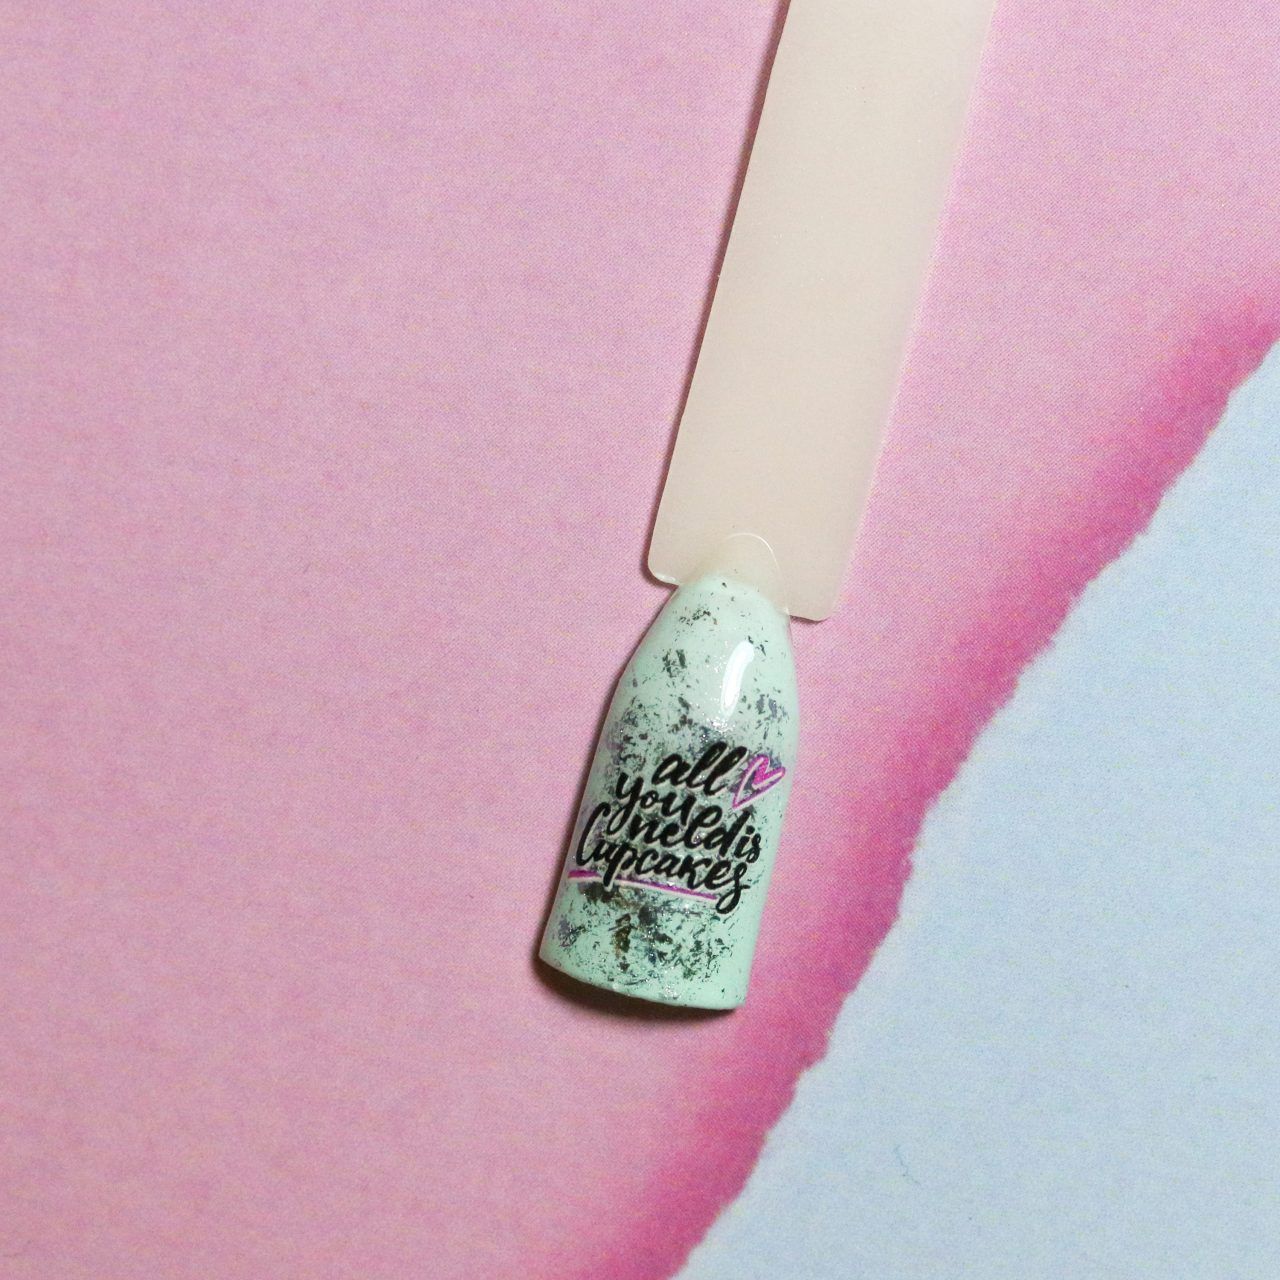 Слайдеры для ногтей. Как сделать модный дизайн?